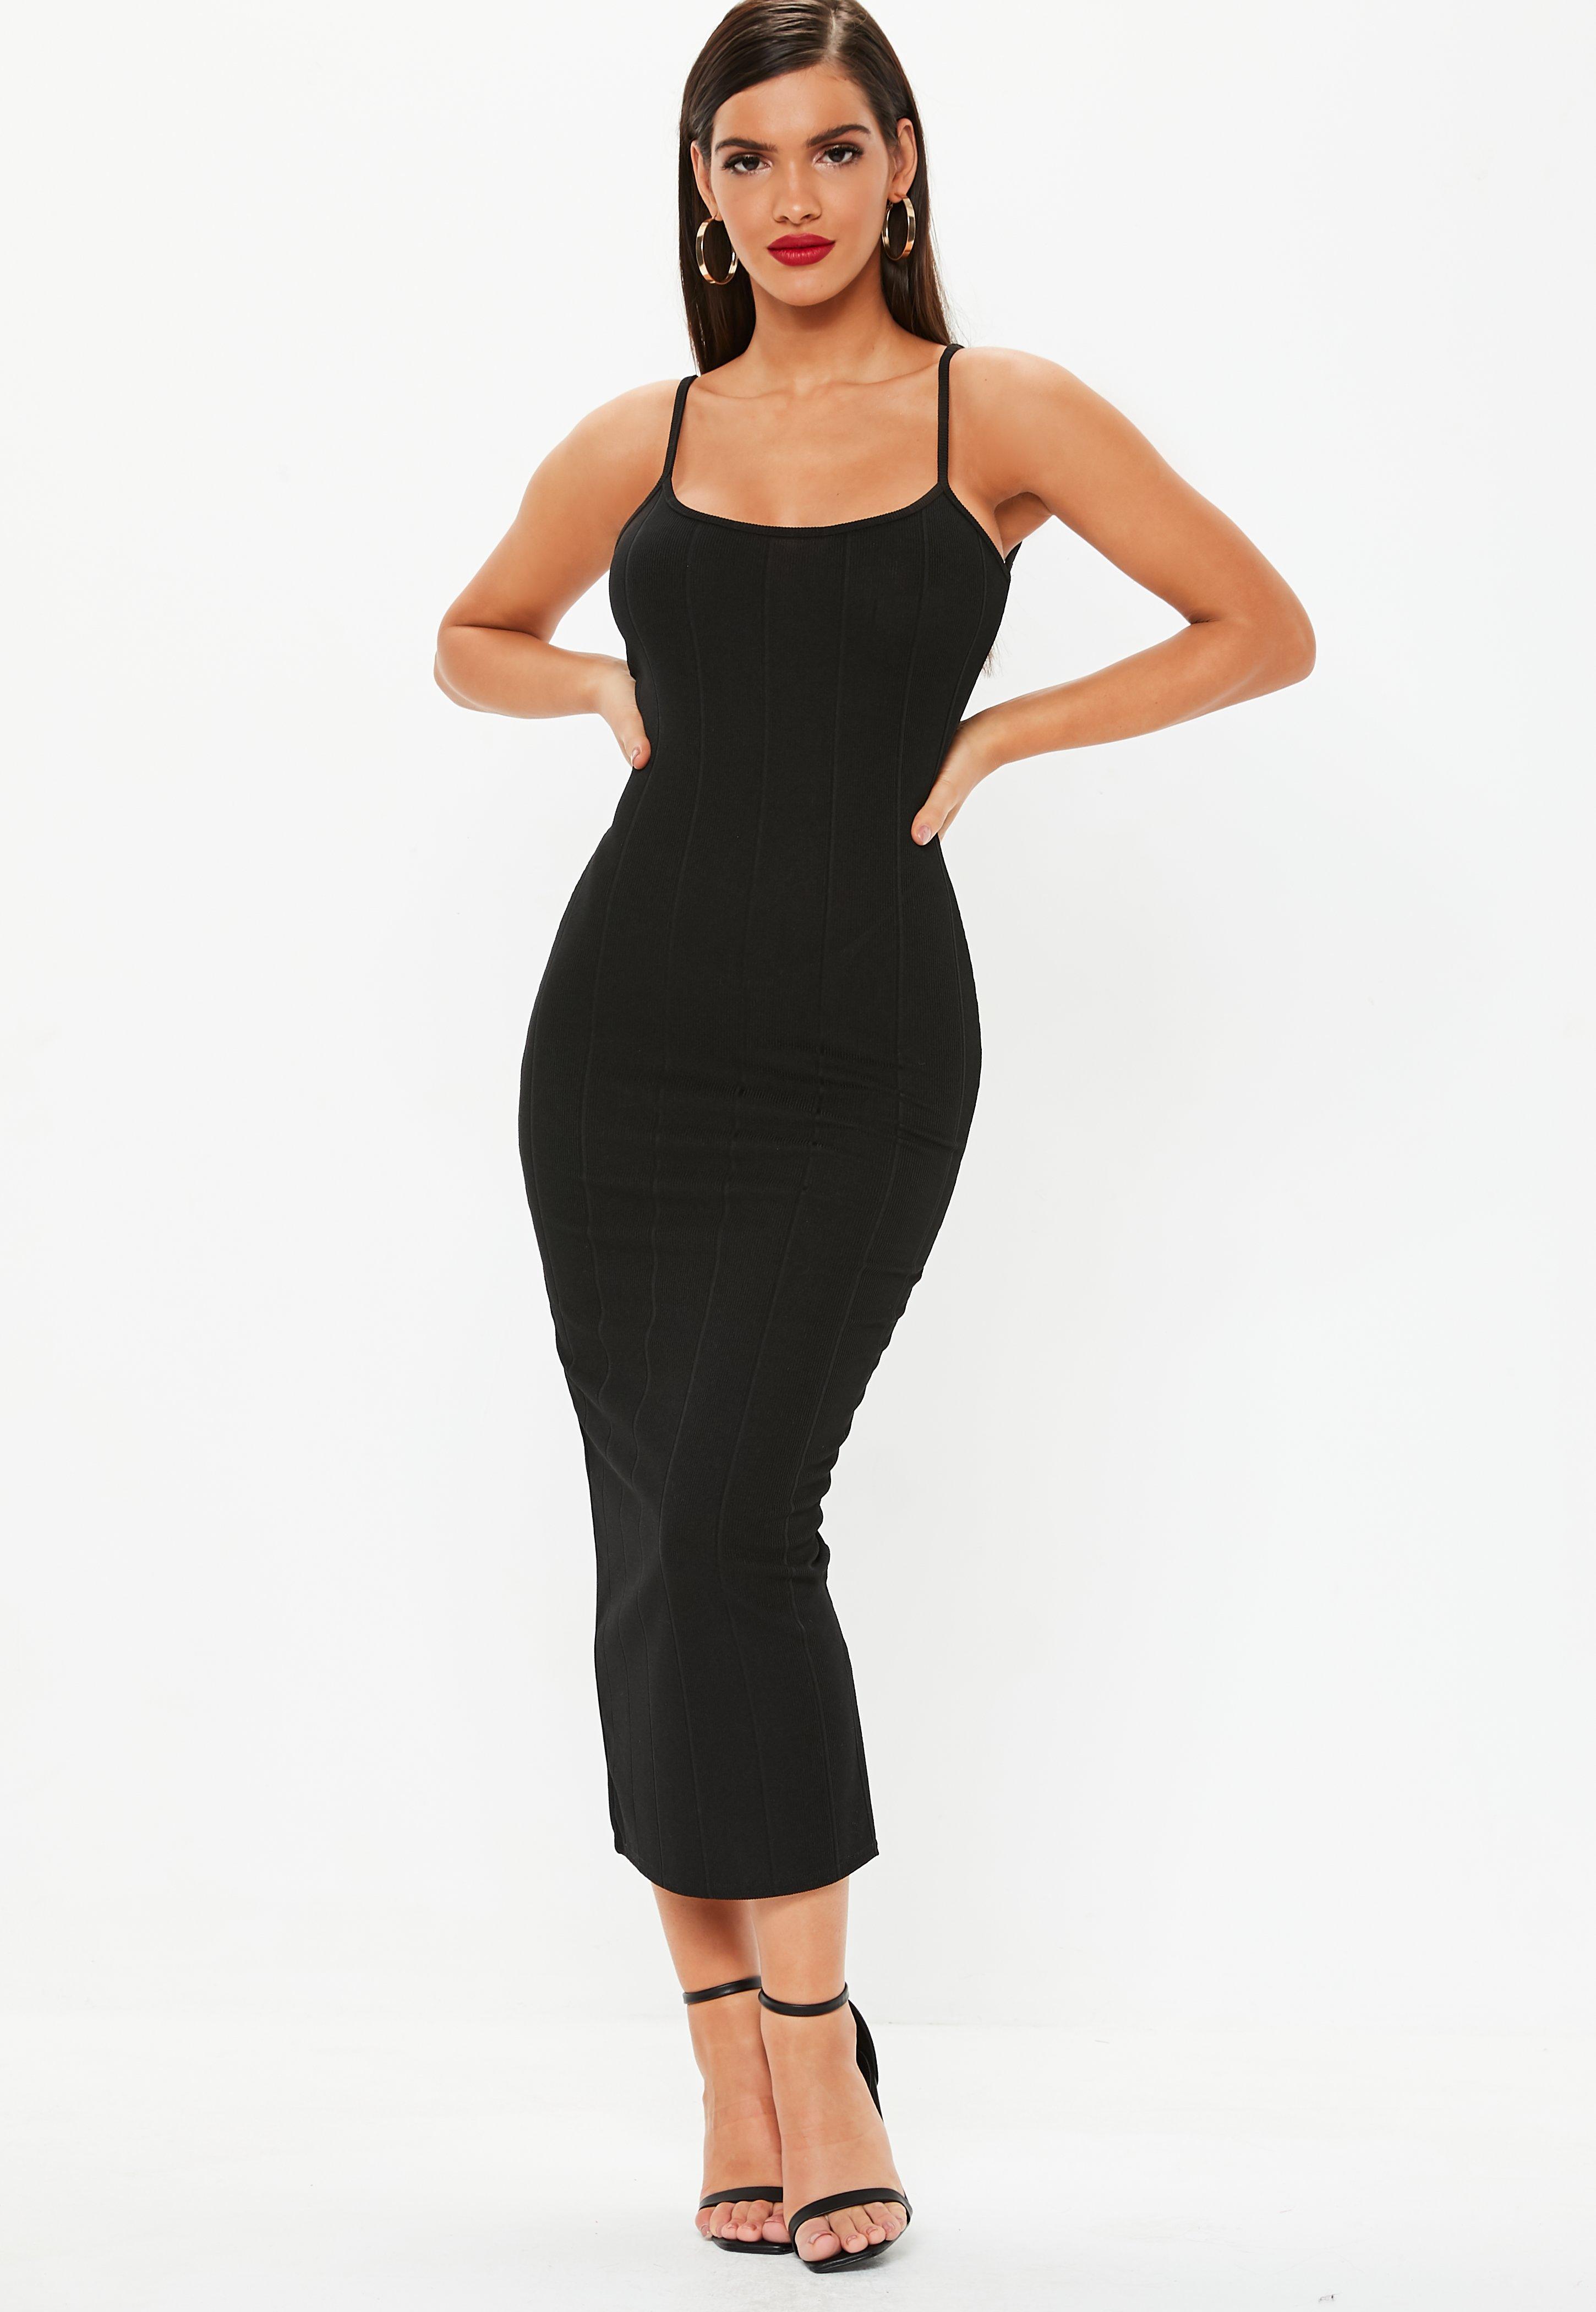 0d1116fa80 Black Scoop Neck Strappy Bandage Bodycon Maxi Dress